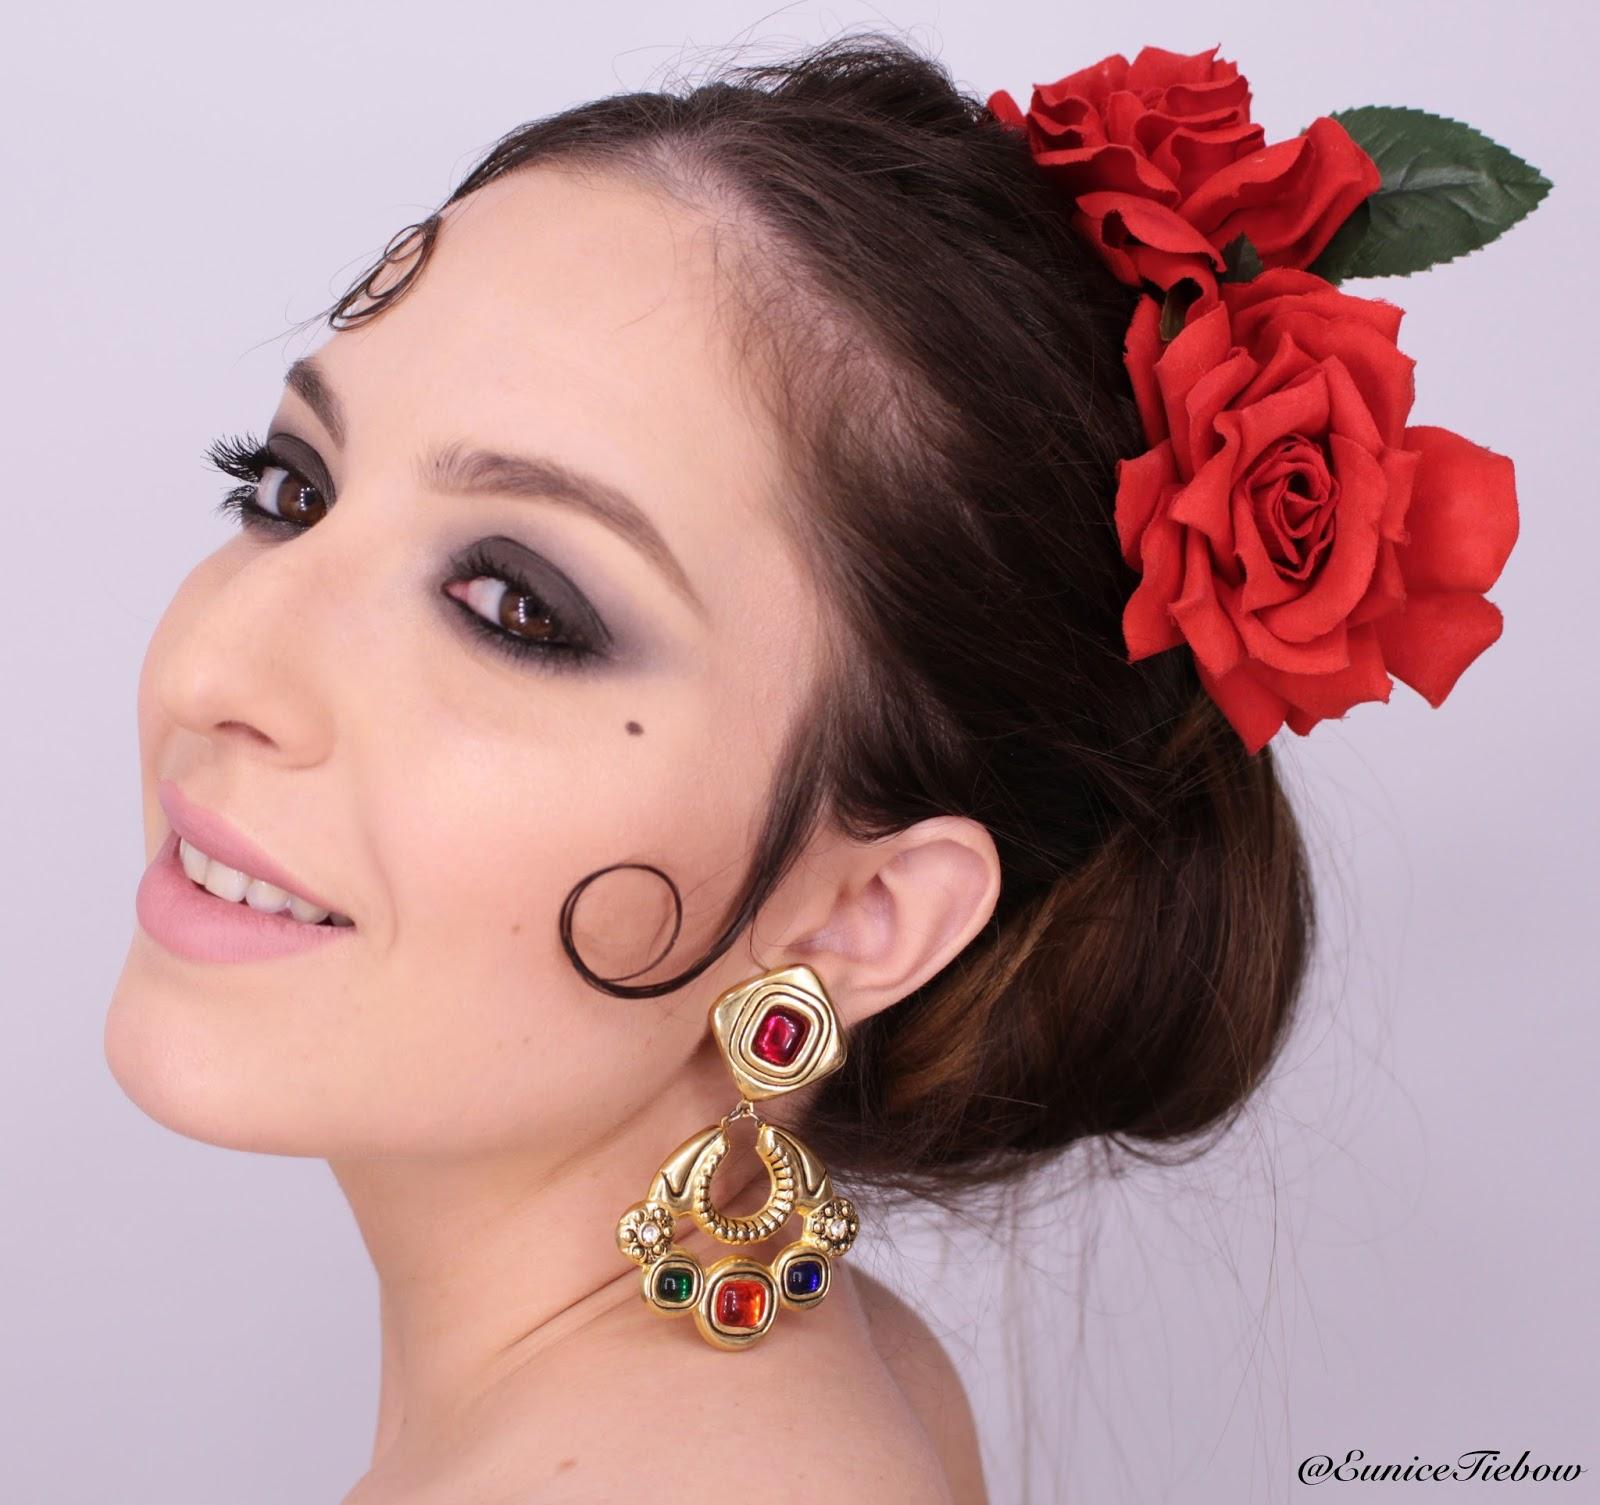 Bonito y cómodo peinados de flamenca 2021 Galeria De Cortes De Cabello Estilo - Eunice Tiebow MakeUp/Hair Artist & Fashion/Beauty Blogger ...